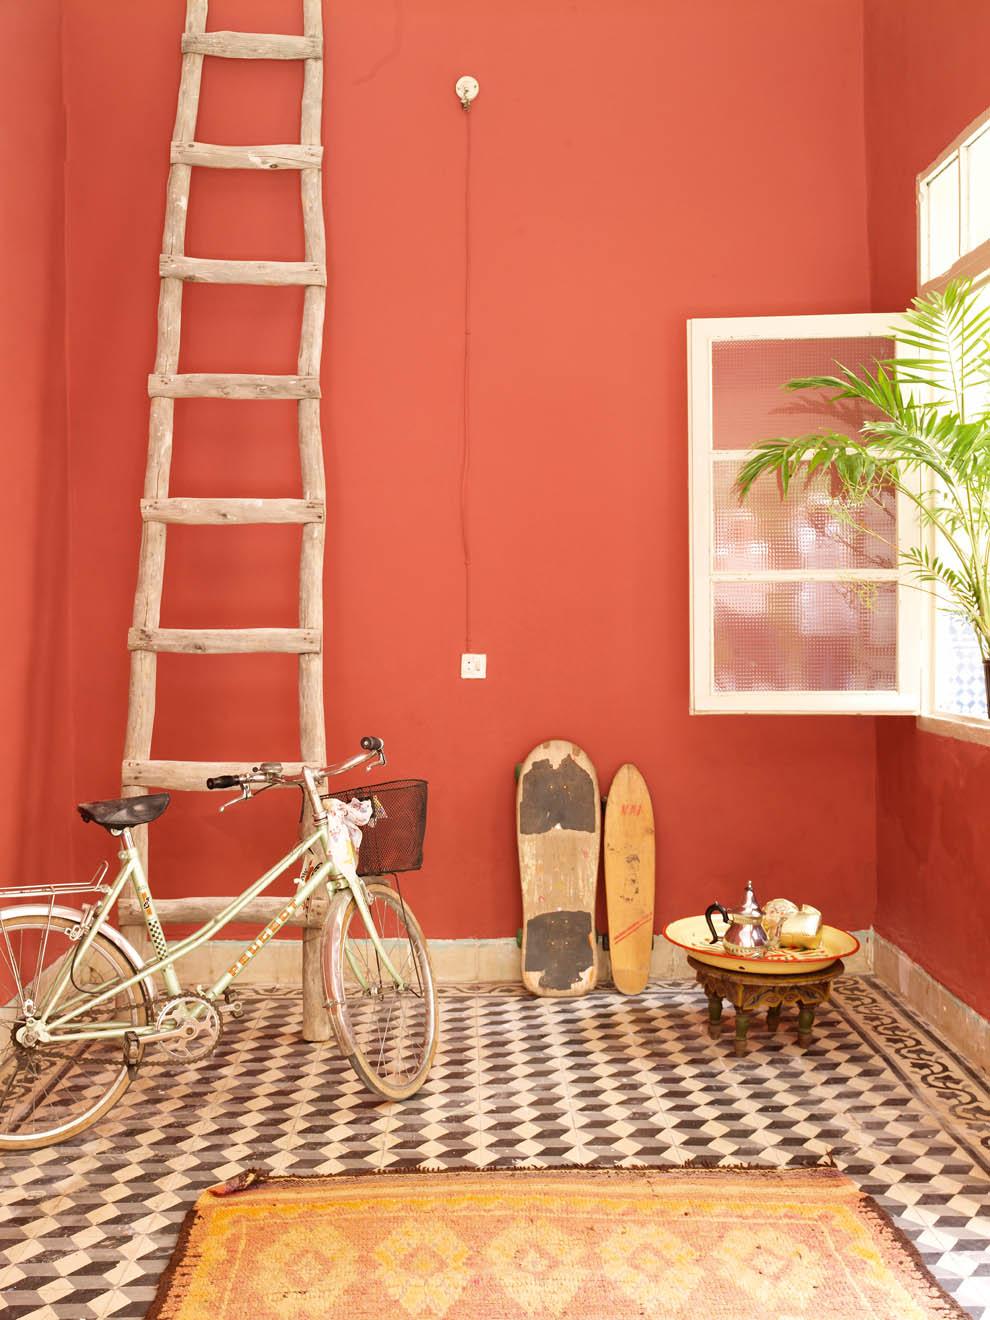 Une jolie terrasse d'inspiration marocaine, avec ses murs peints en corail vif et une jolie mosaïque en noir et blanc. Découvrez plus de photos de cette terrasse marocaine dans l'article !